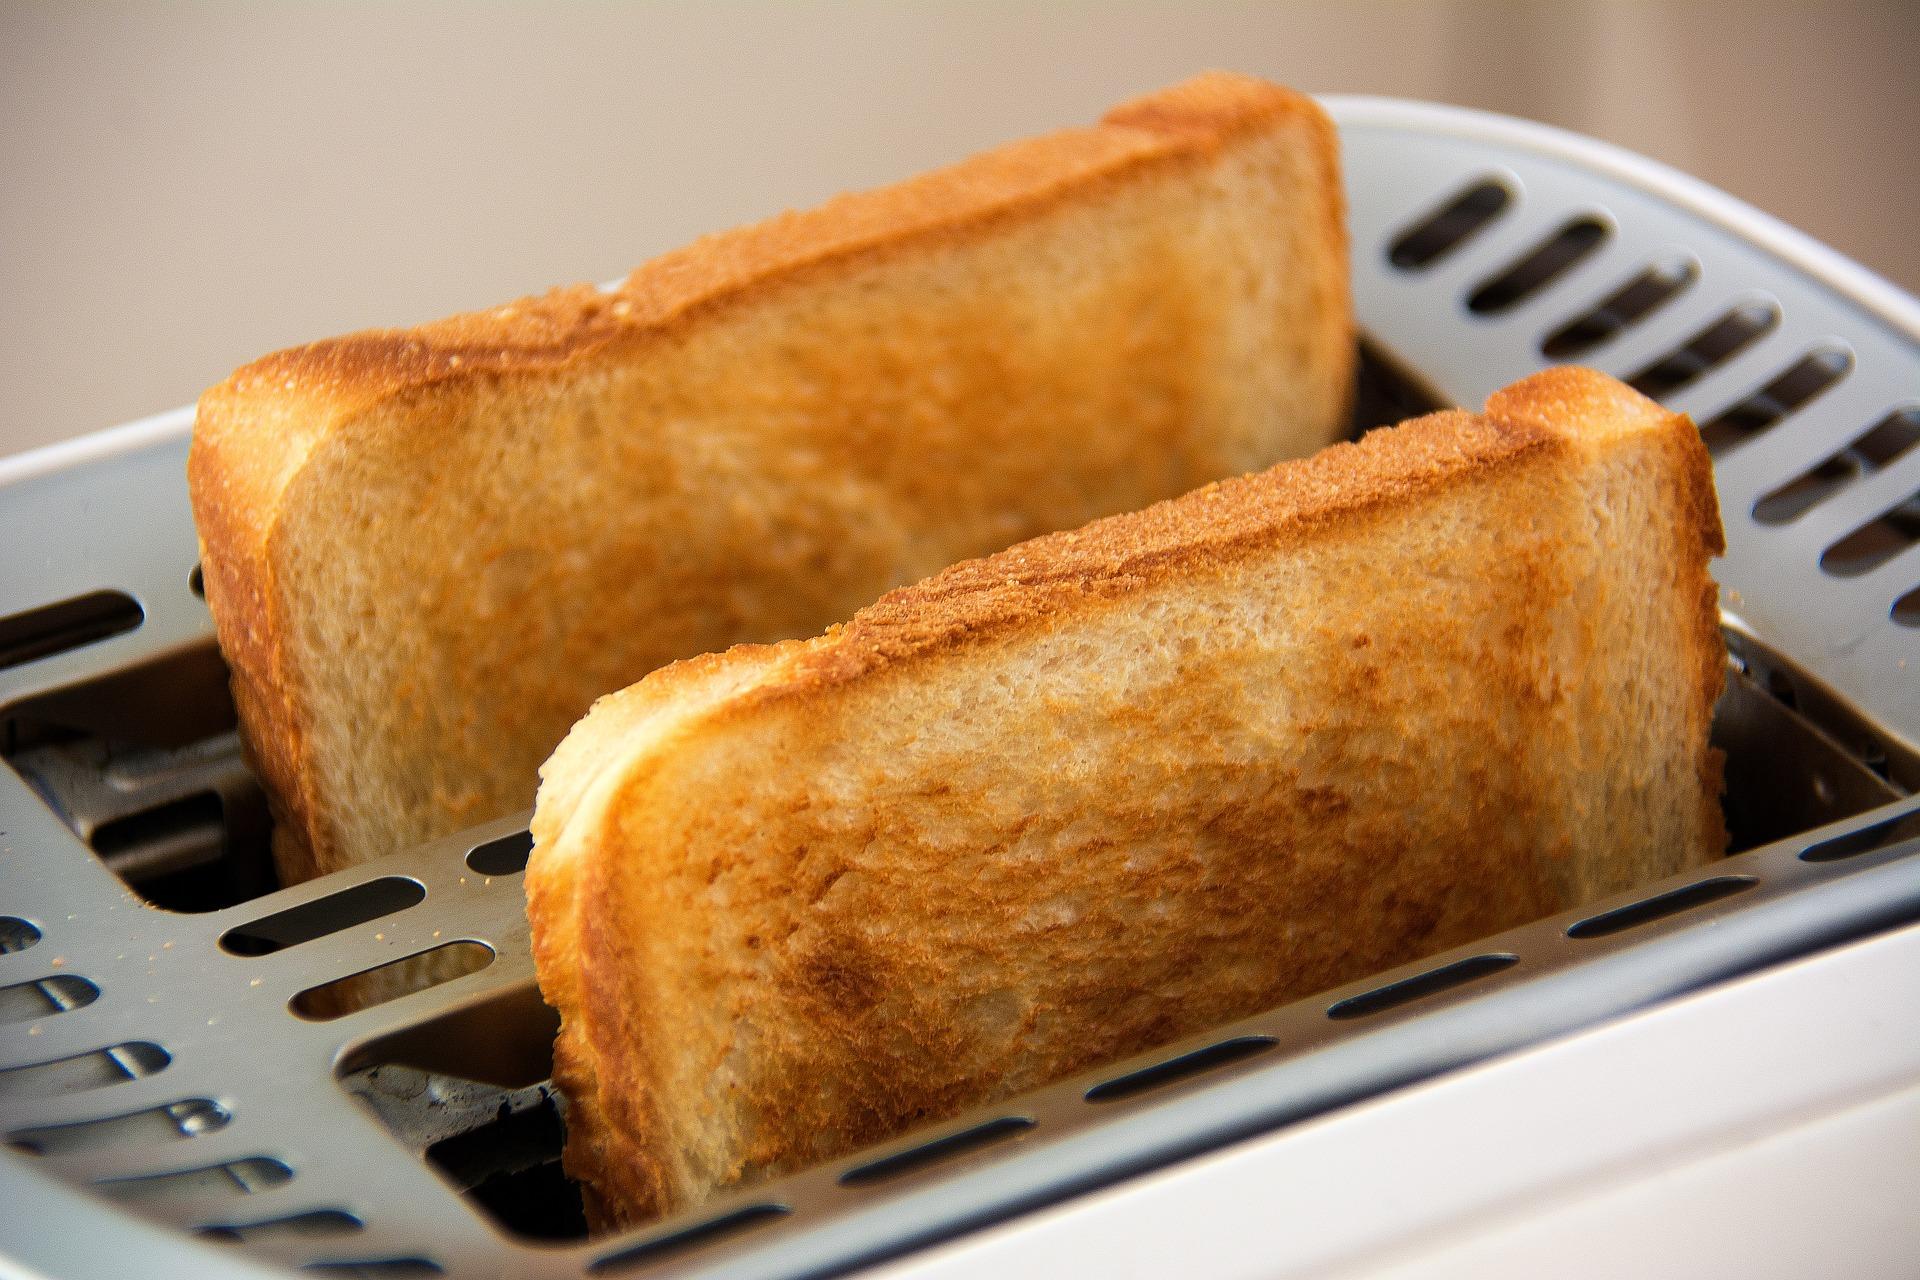 עדכון המחירים האחרון התבצע בחודש ספטמבר 2015. בתמונה: פרוסות קלויות של לחם במצנם | צילום ארכיון: www.pixabay.com